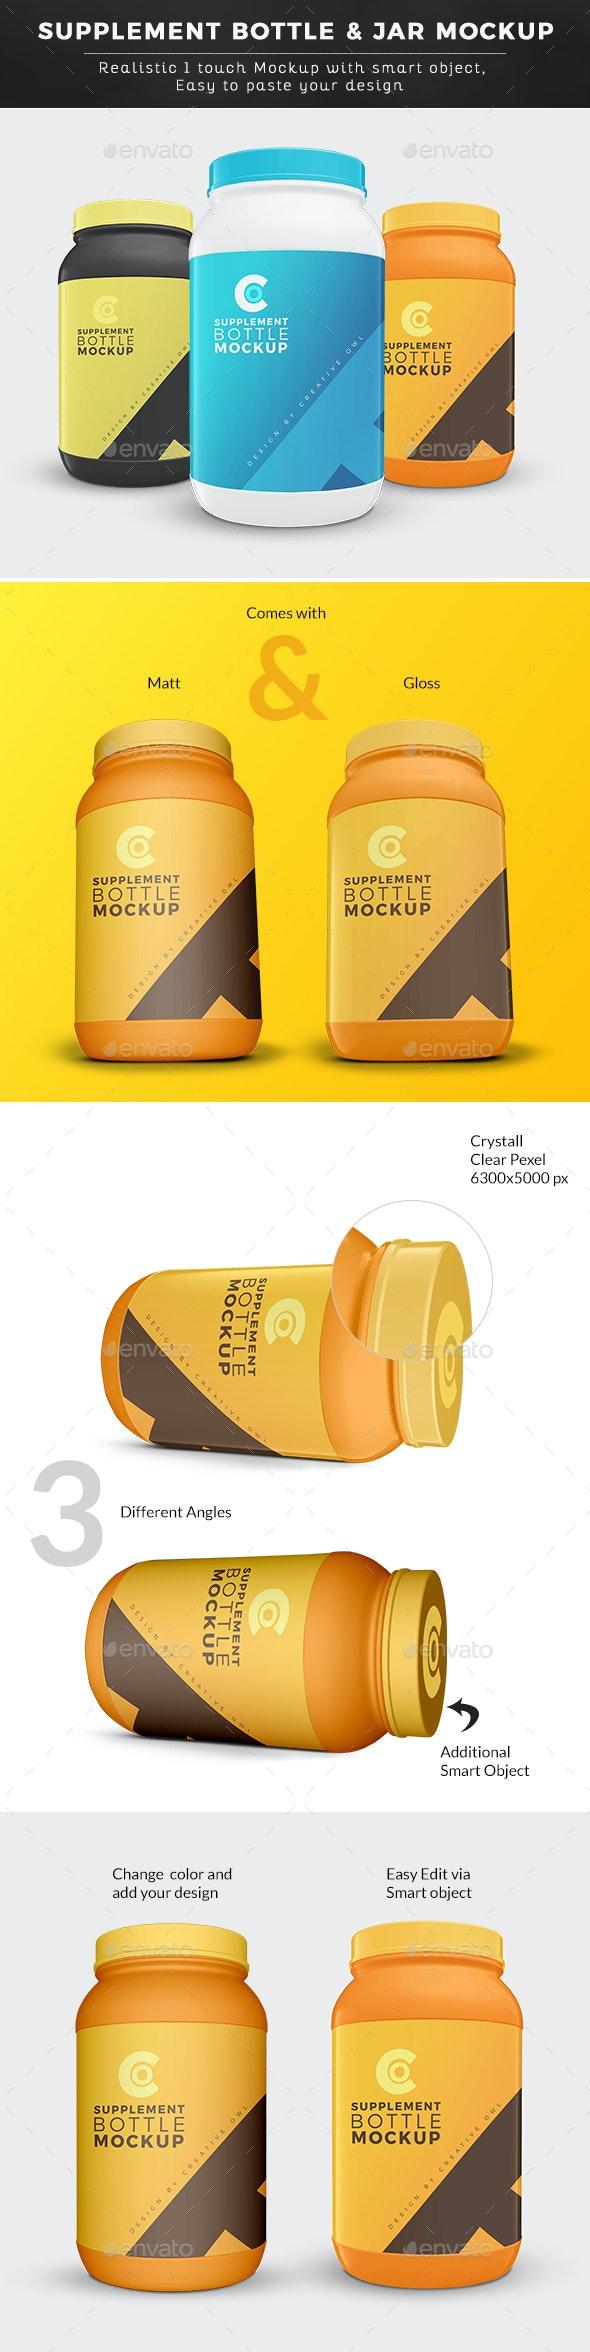 Ultimate Supplement Bottle or Jar Mockup - Packaging Product Mock-Ups